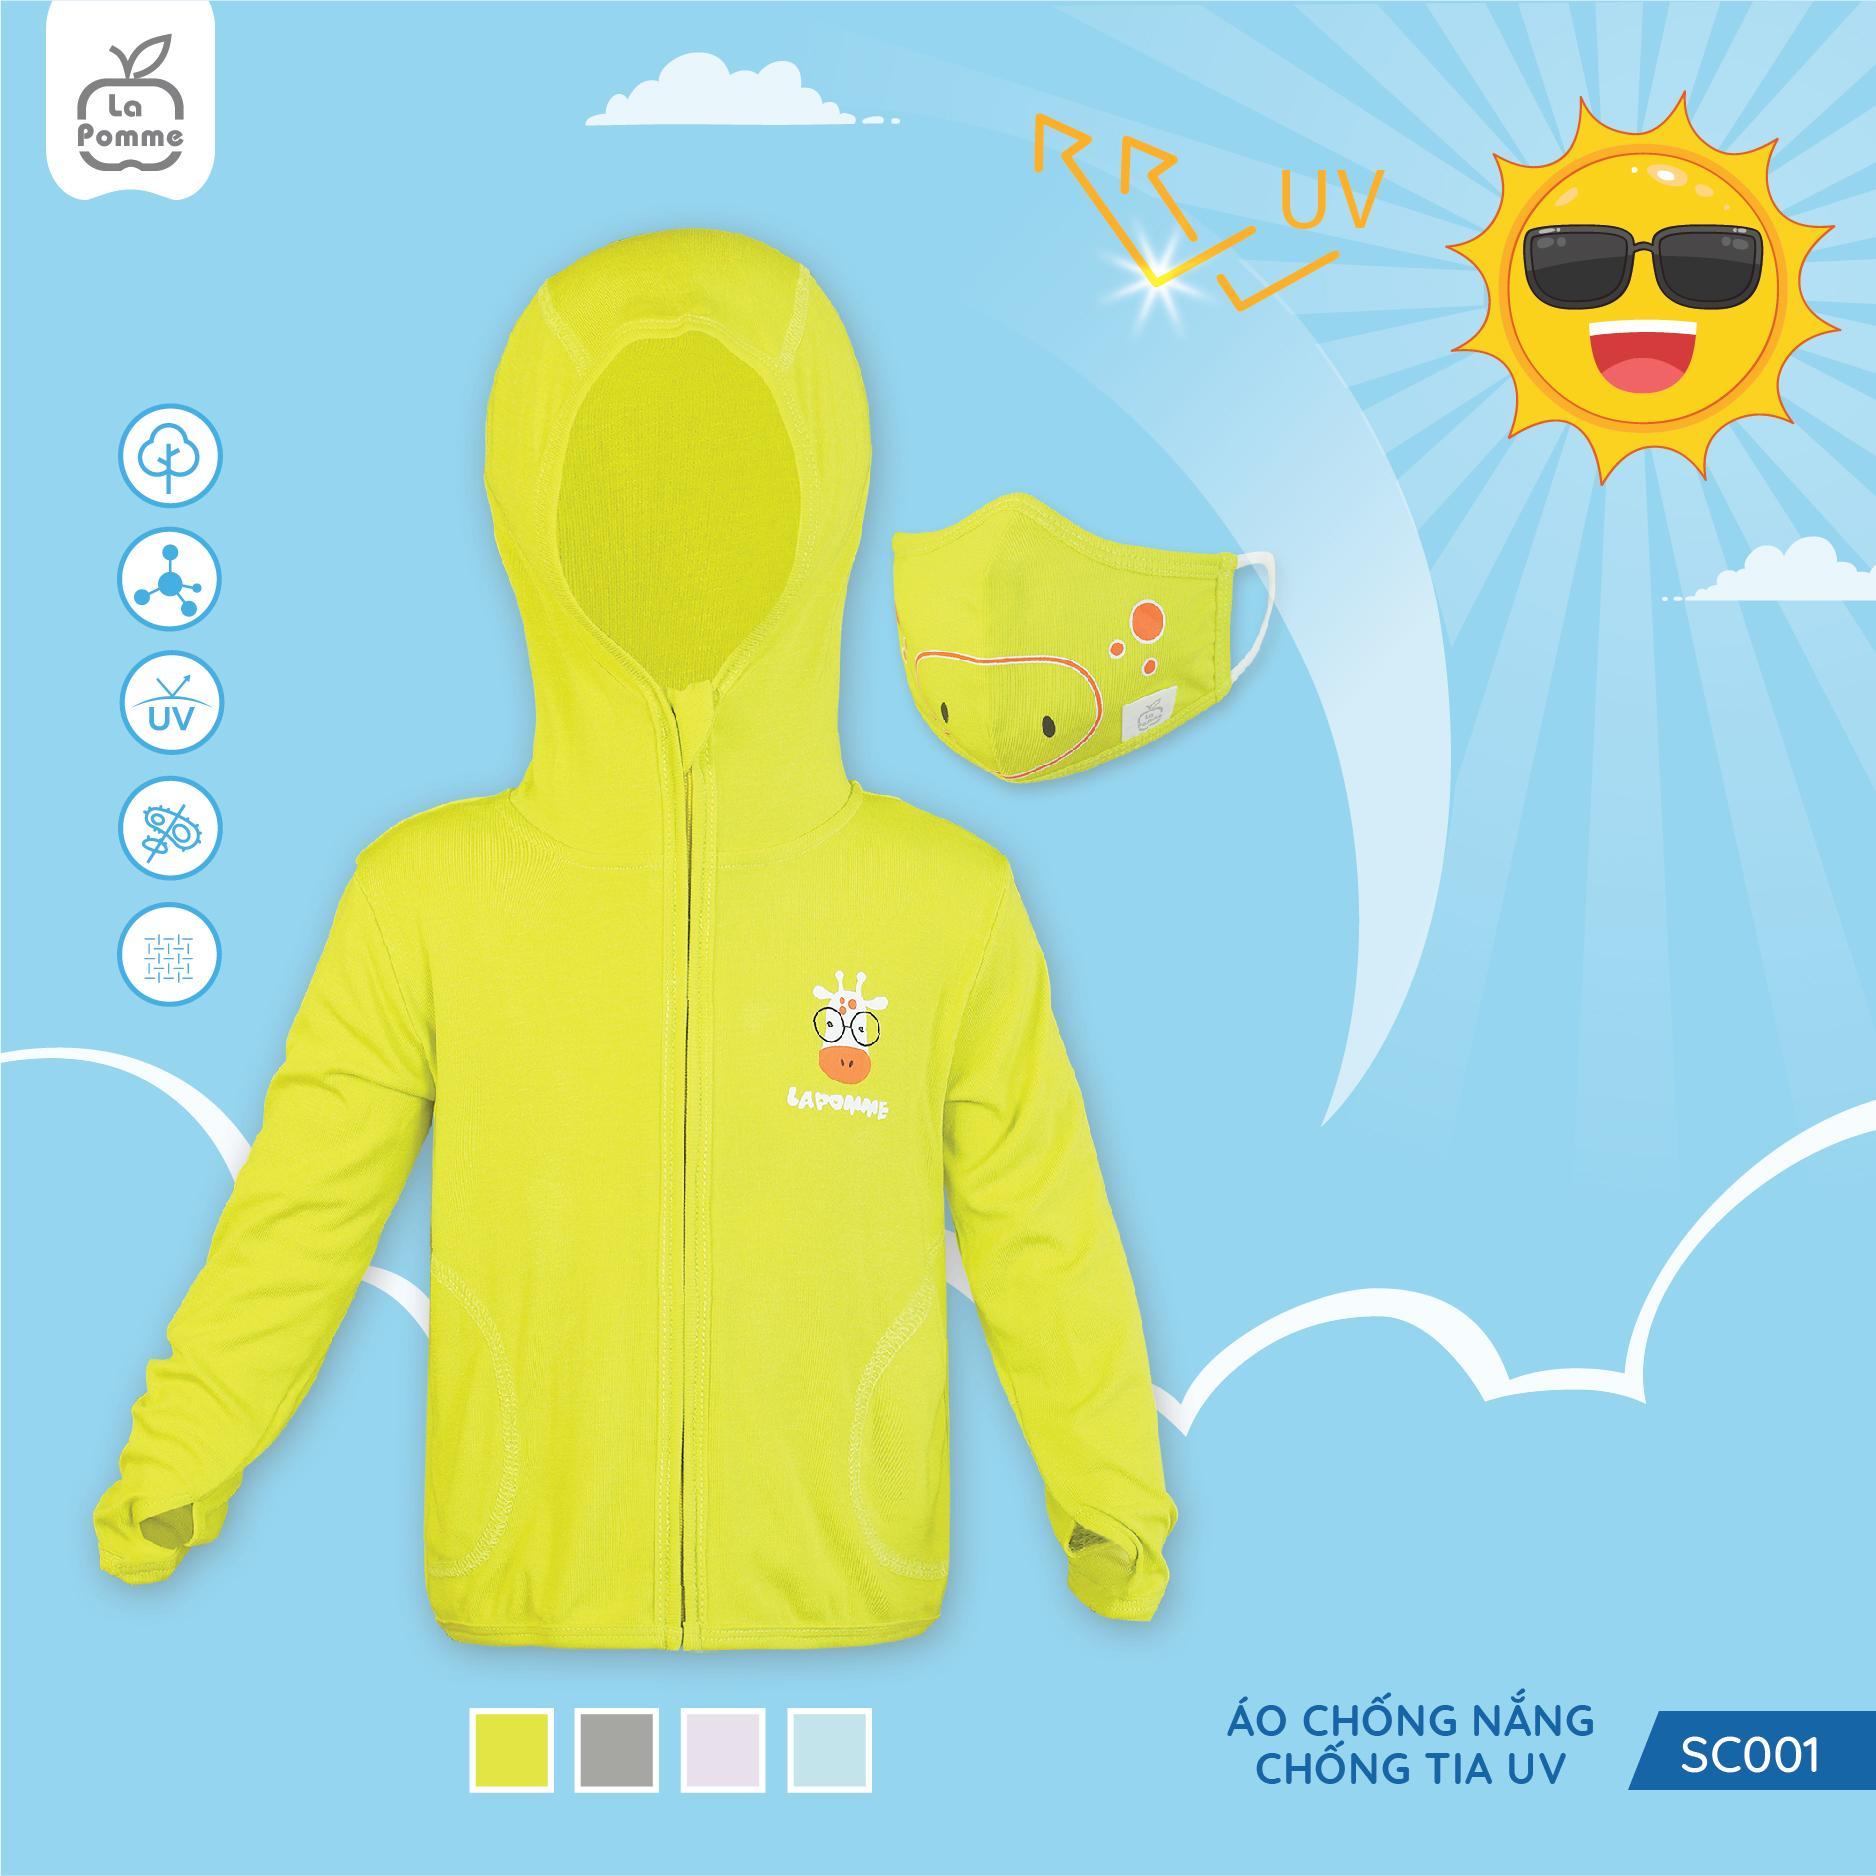 SC001.2 - Áo chống nắng chống tia UV cho bé La Pomme - Màu vàng